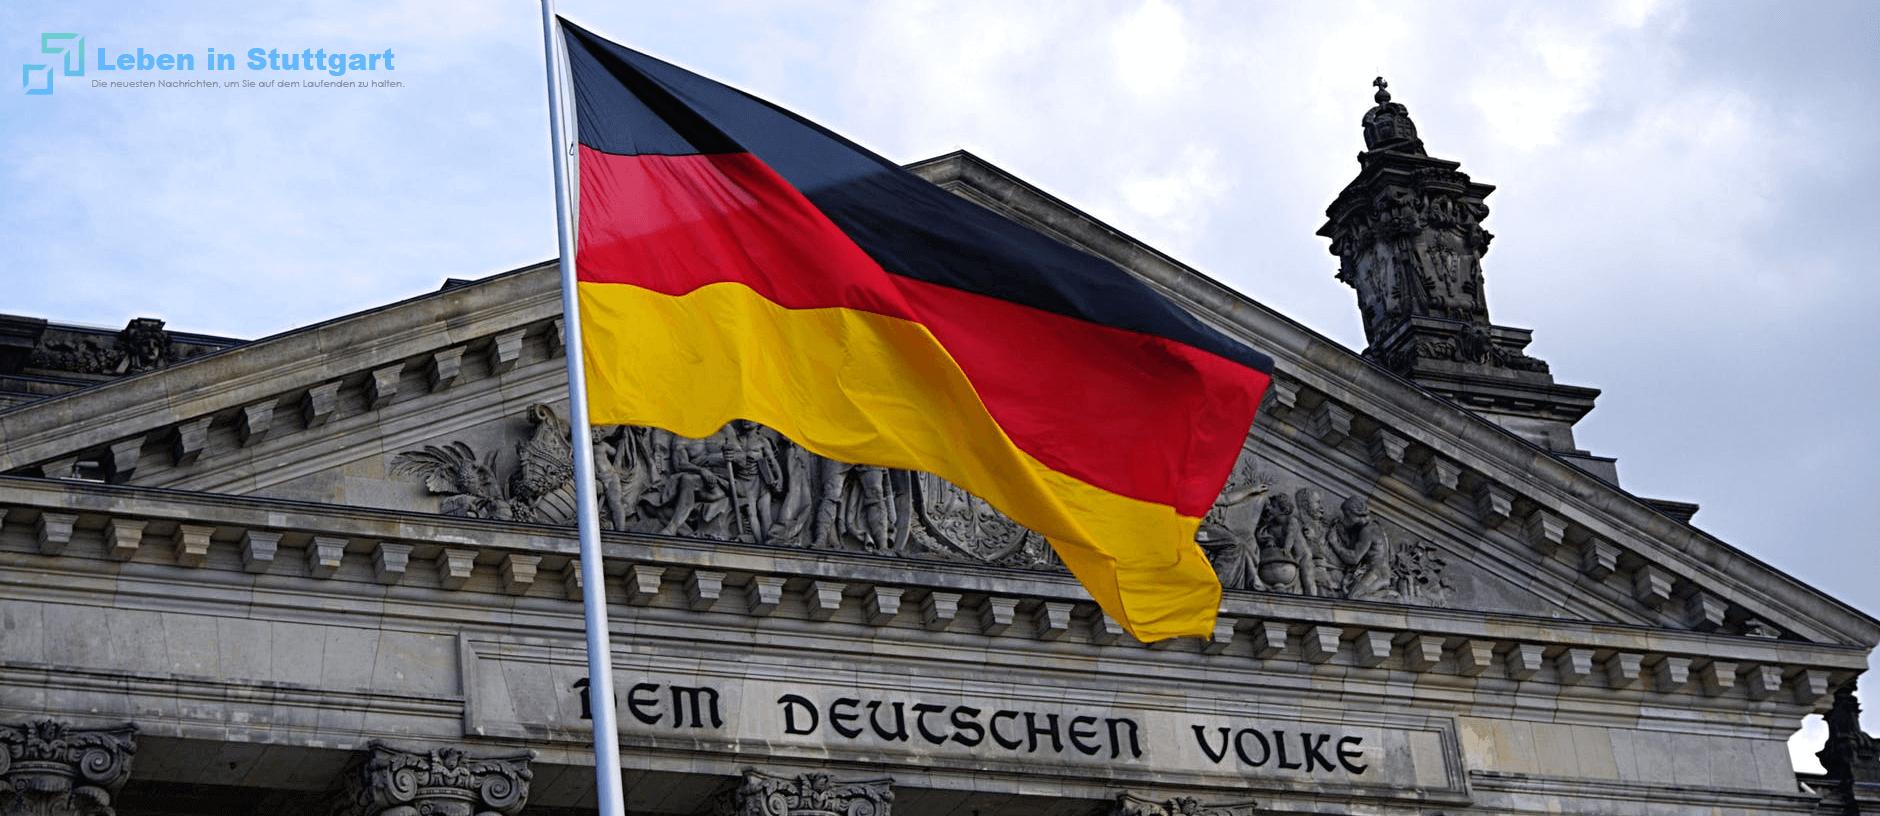 Vorgestelltes Bild Die Grünen sind zur beliebtesten politischen Partei Deutschlands geworden. Wie ist es passiert 1 - Die Grünen sind zur beliebtesten politischen Partei Deutschlands geworden. Wie ist es passiert?